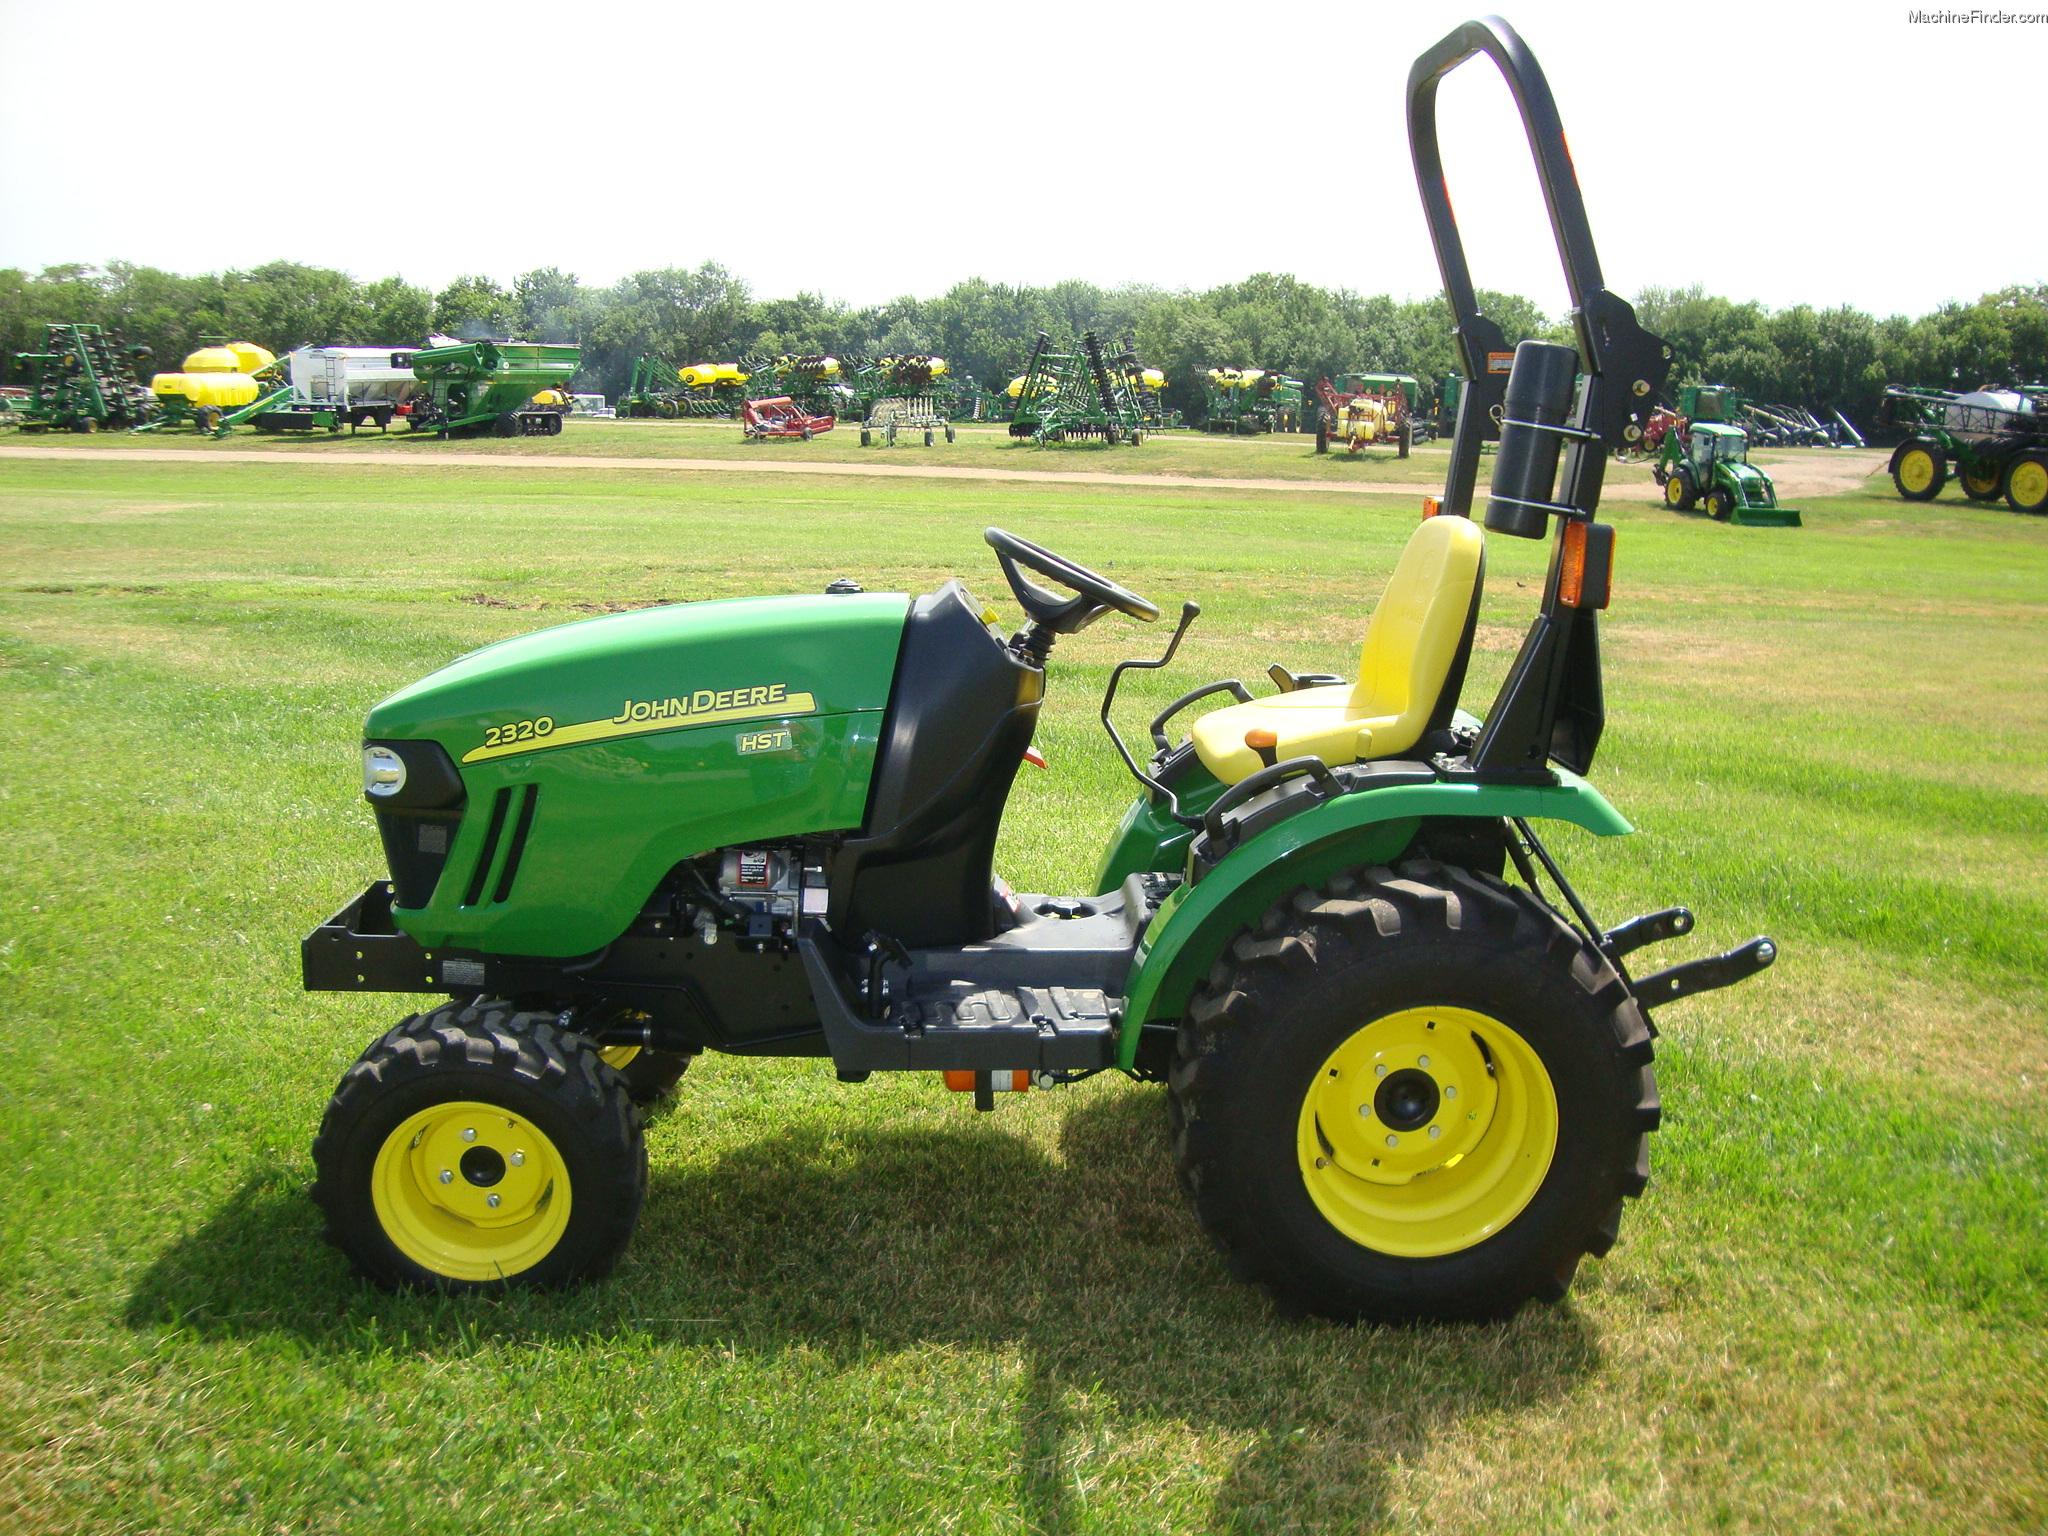 2010 John Deere 2320 Tractors - Compact (1-40hp.) - John Deere ...